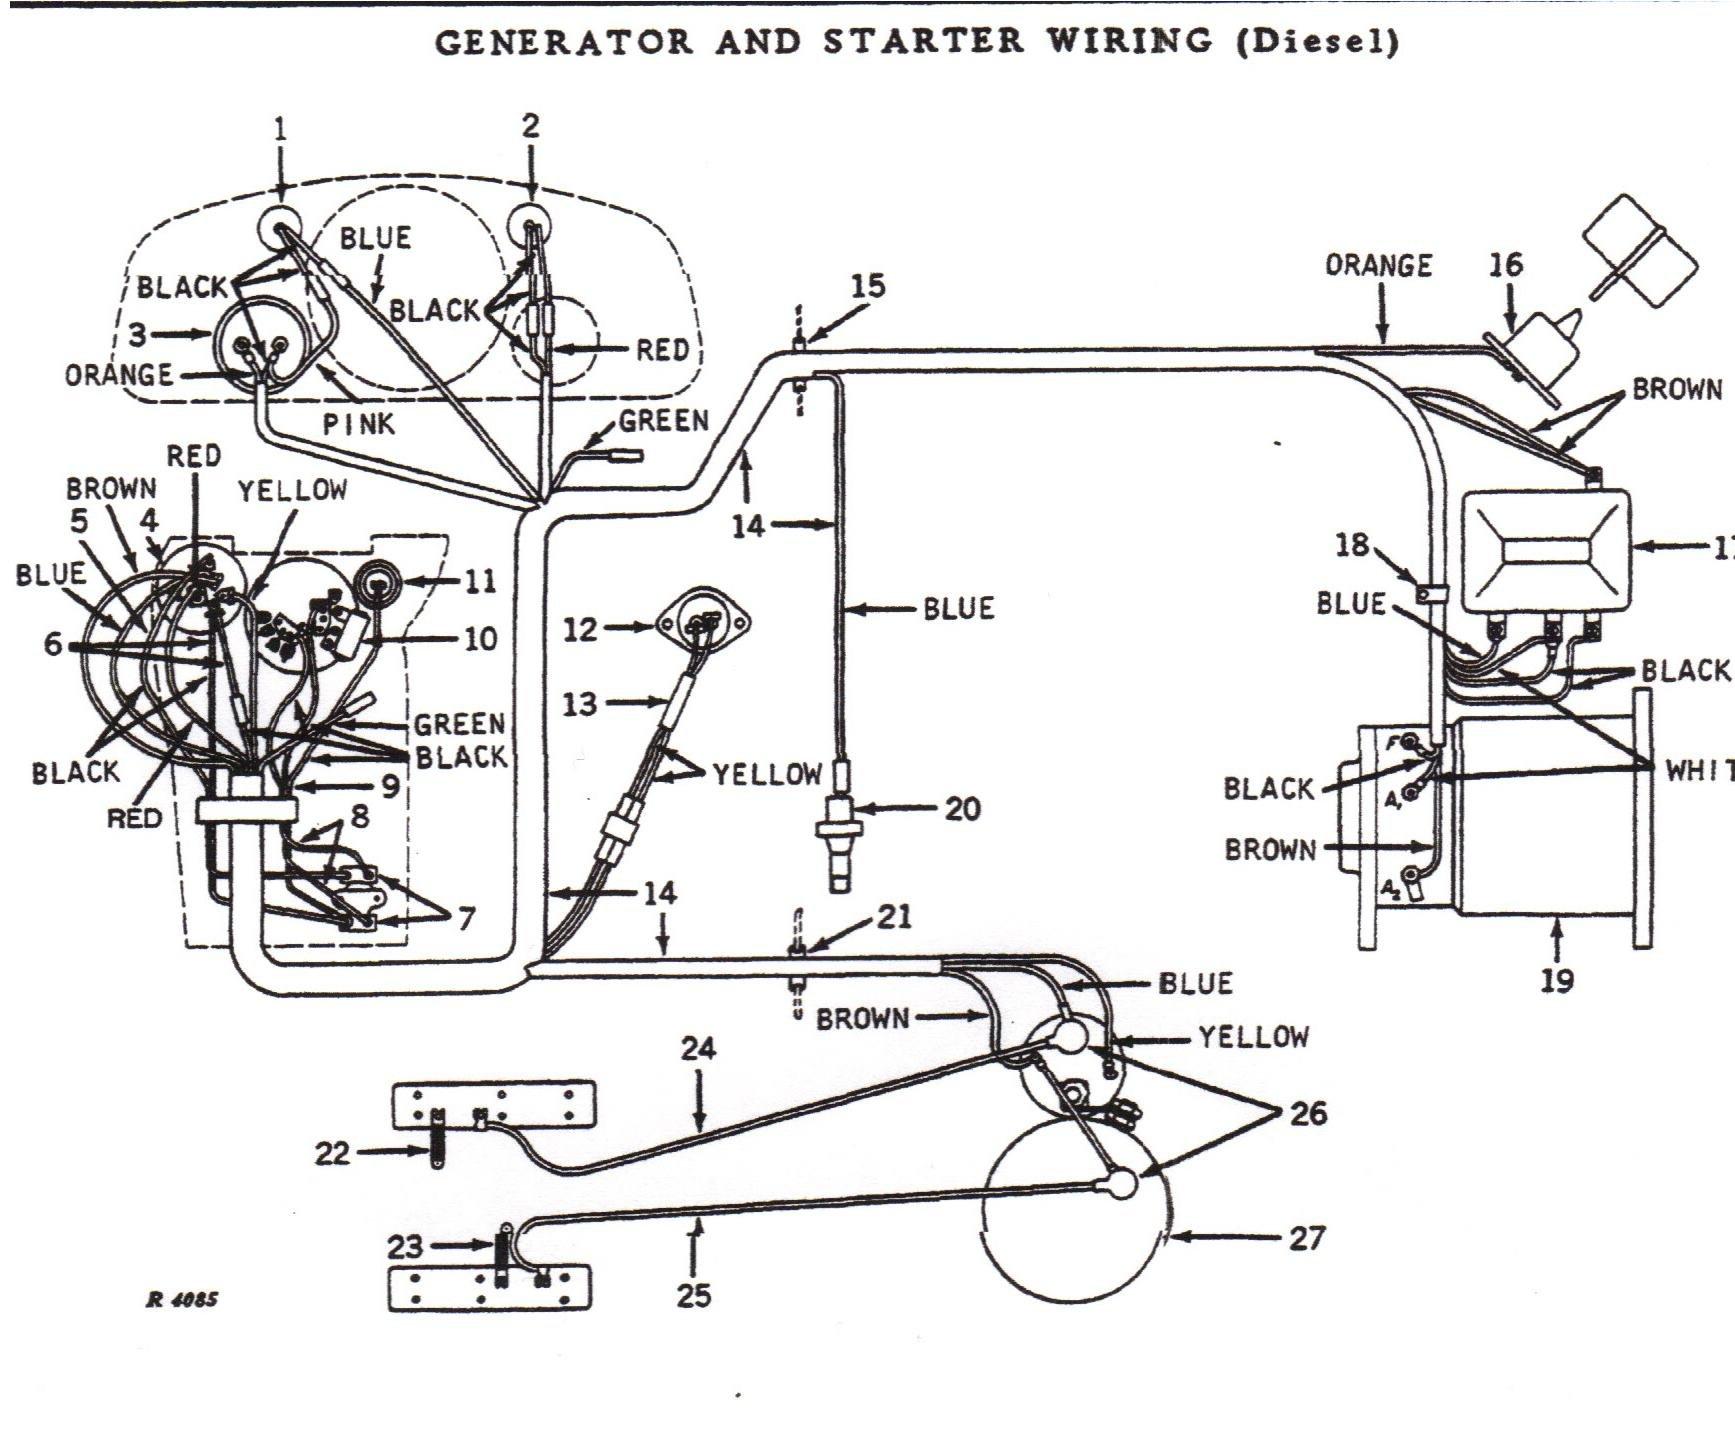 John Deere 4010 Wiring Diagram Com